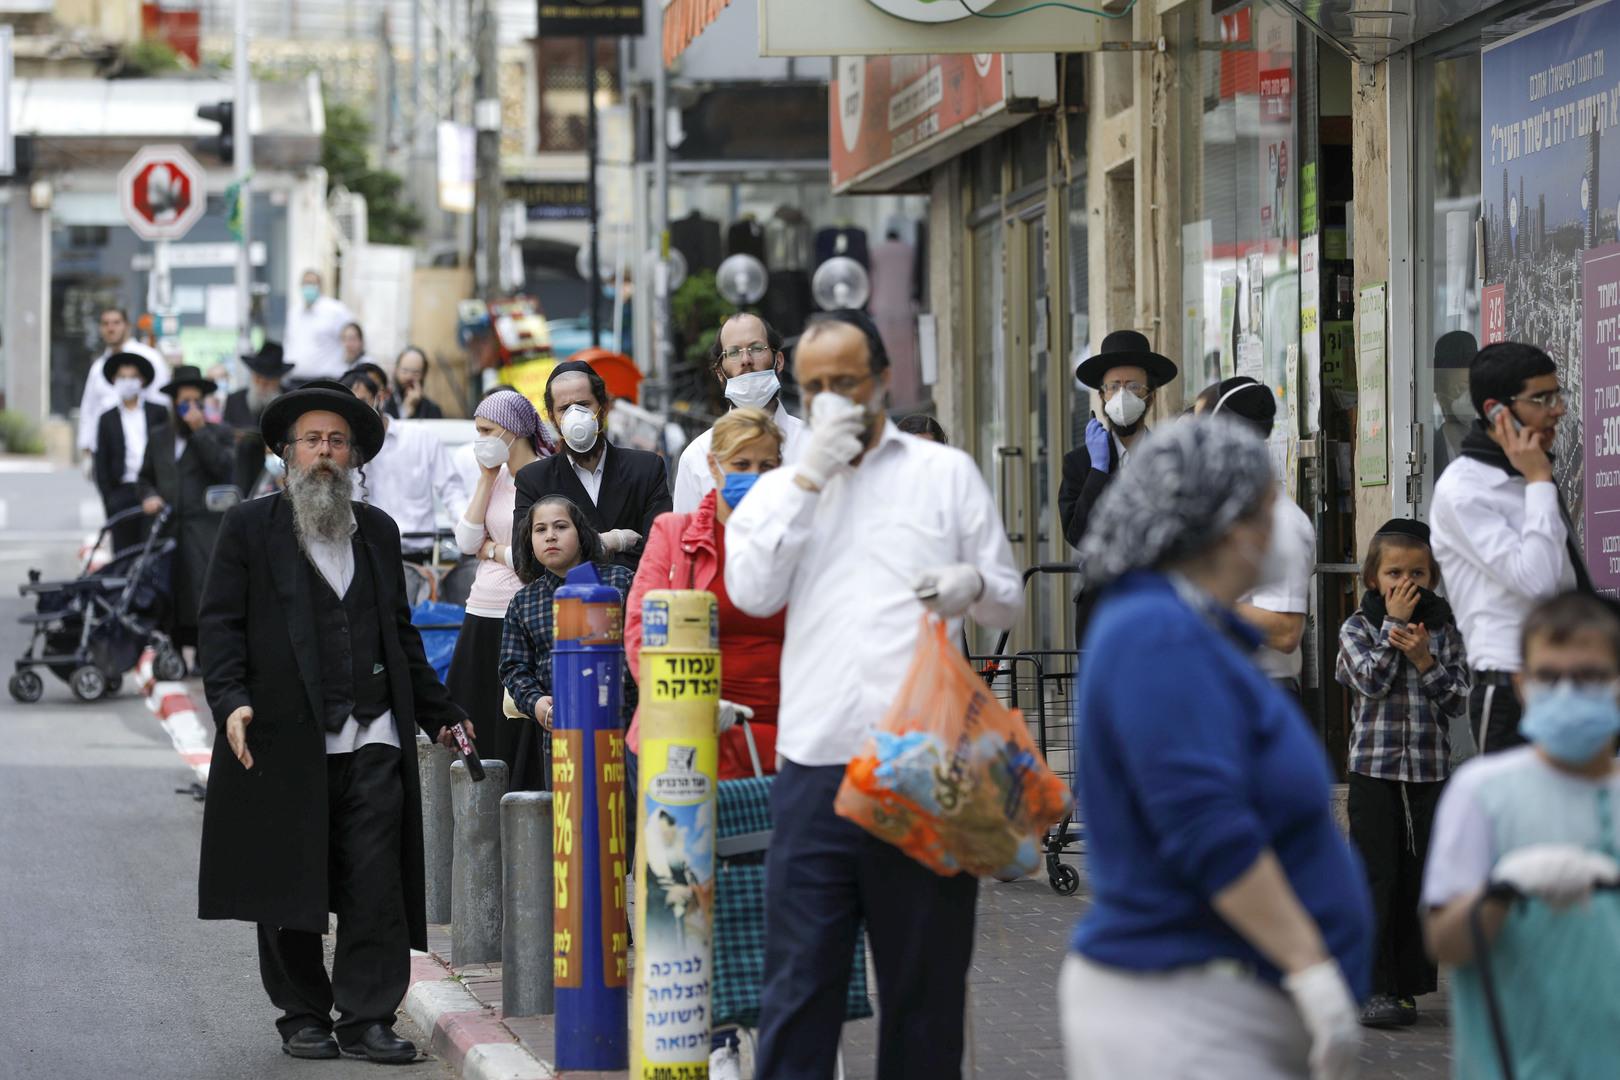 ارتفاع عدد ضحايا كورونا في إسرائيل إلى 65 شخصا